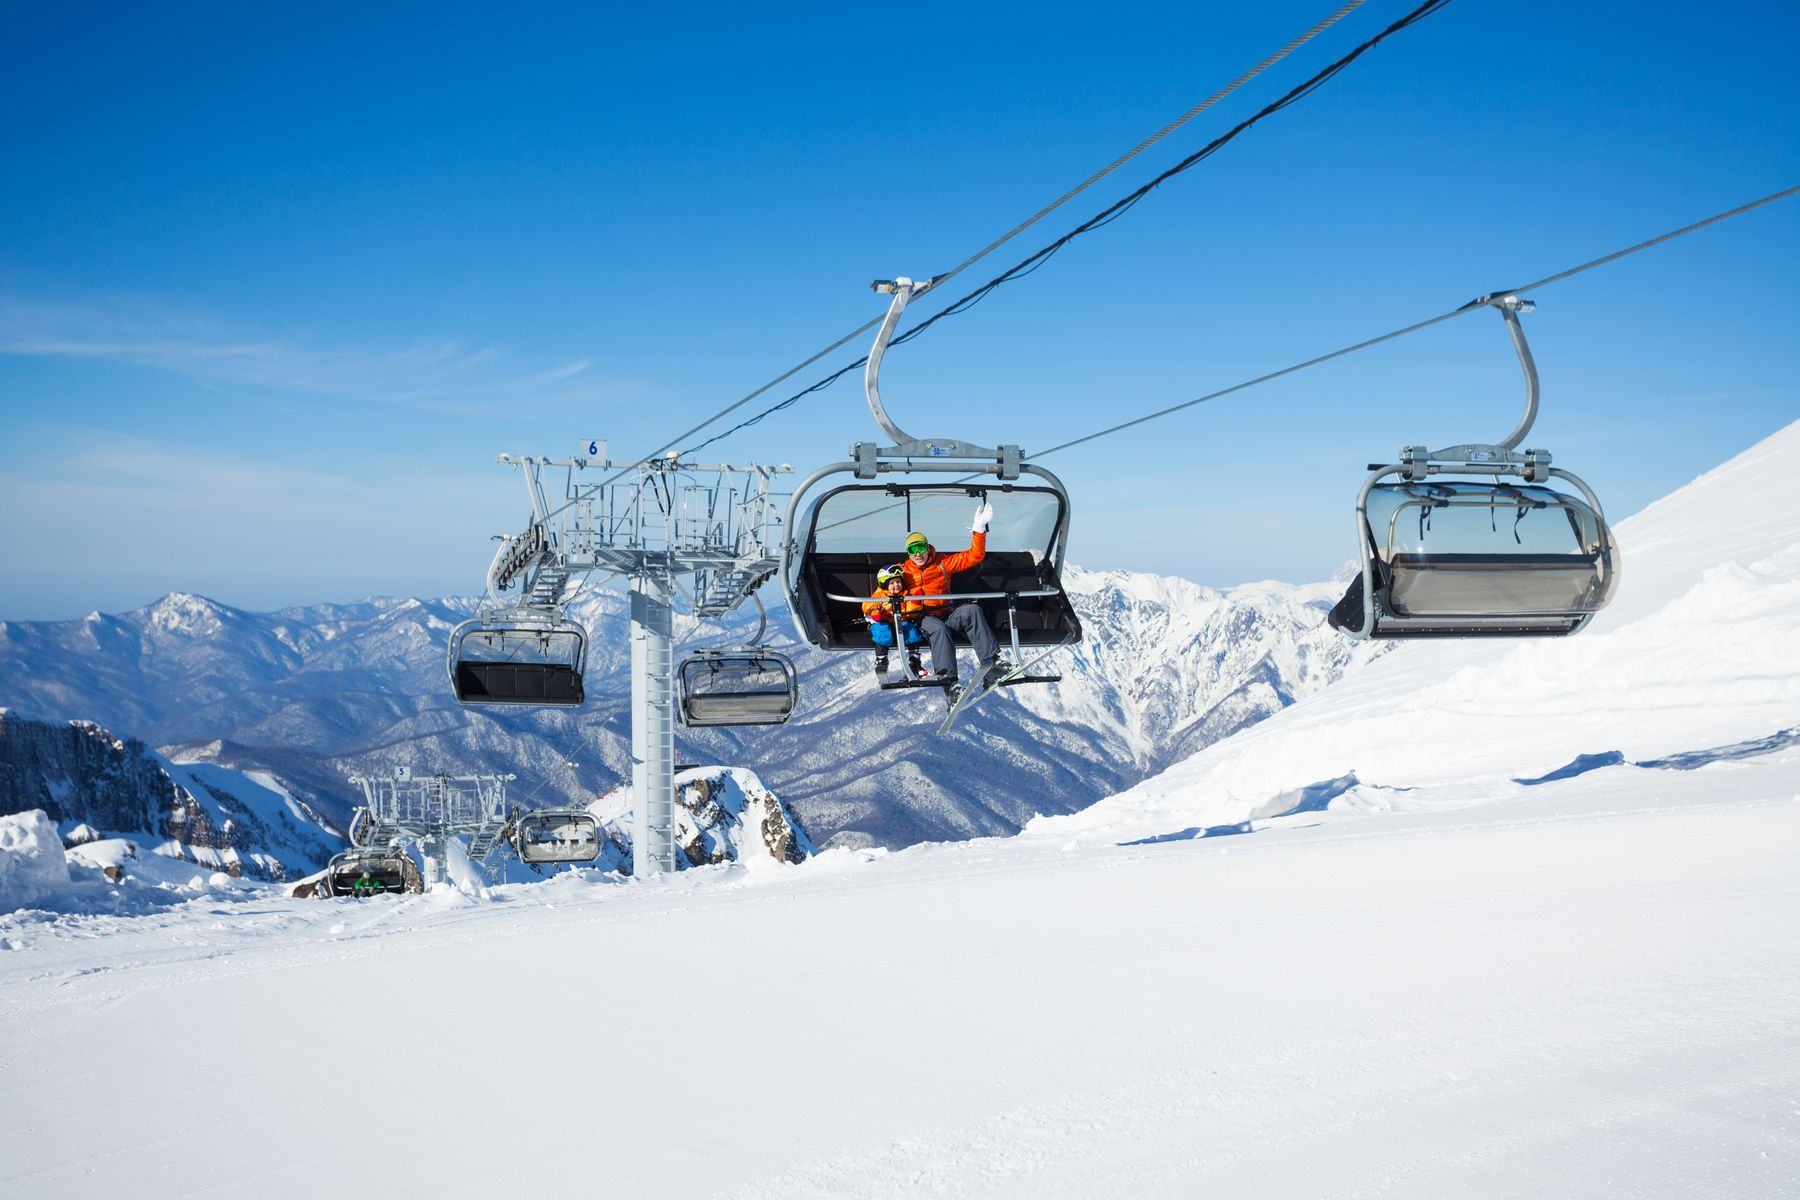 Канатная дорога над снегами горнолыжного курорта в Соч. Куда поехать зимой в России